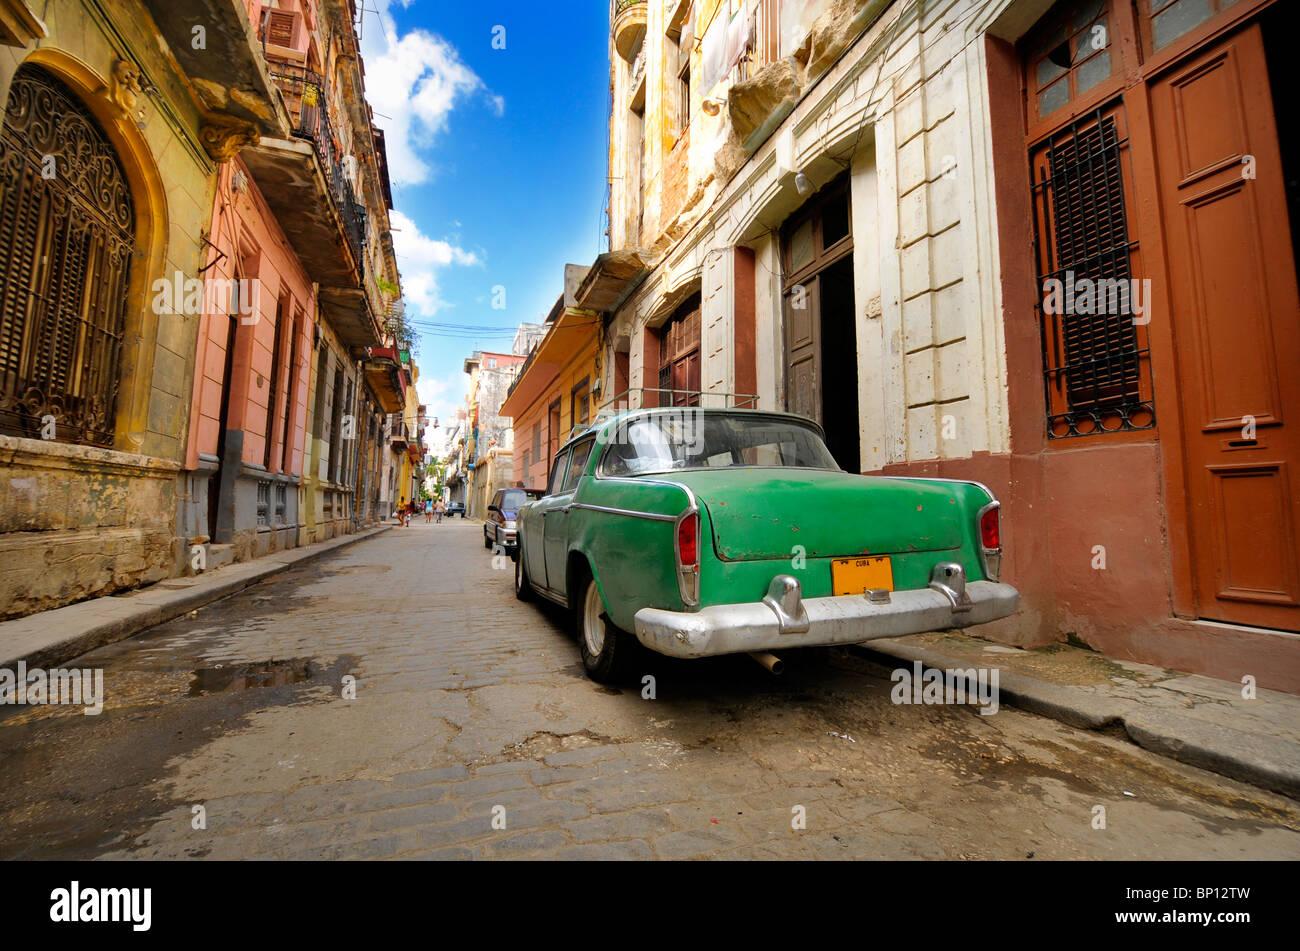 Oldtimer in schäbigen alten Havanna street mit bröckelnden Fassaden geparkt Stockbild